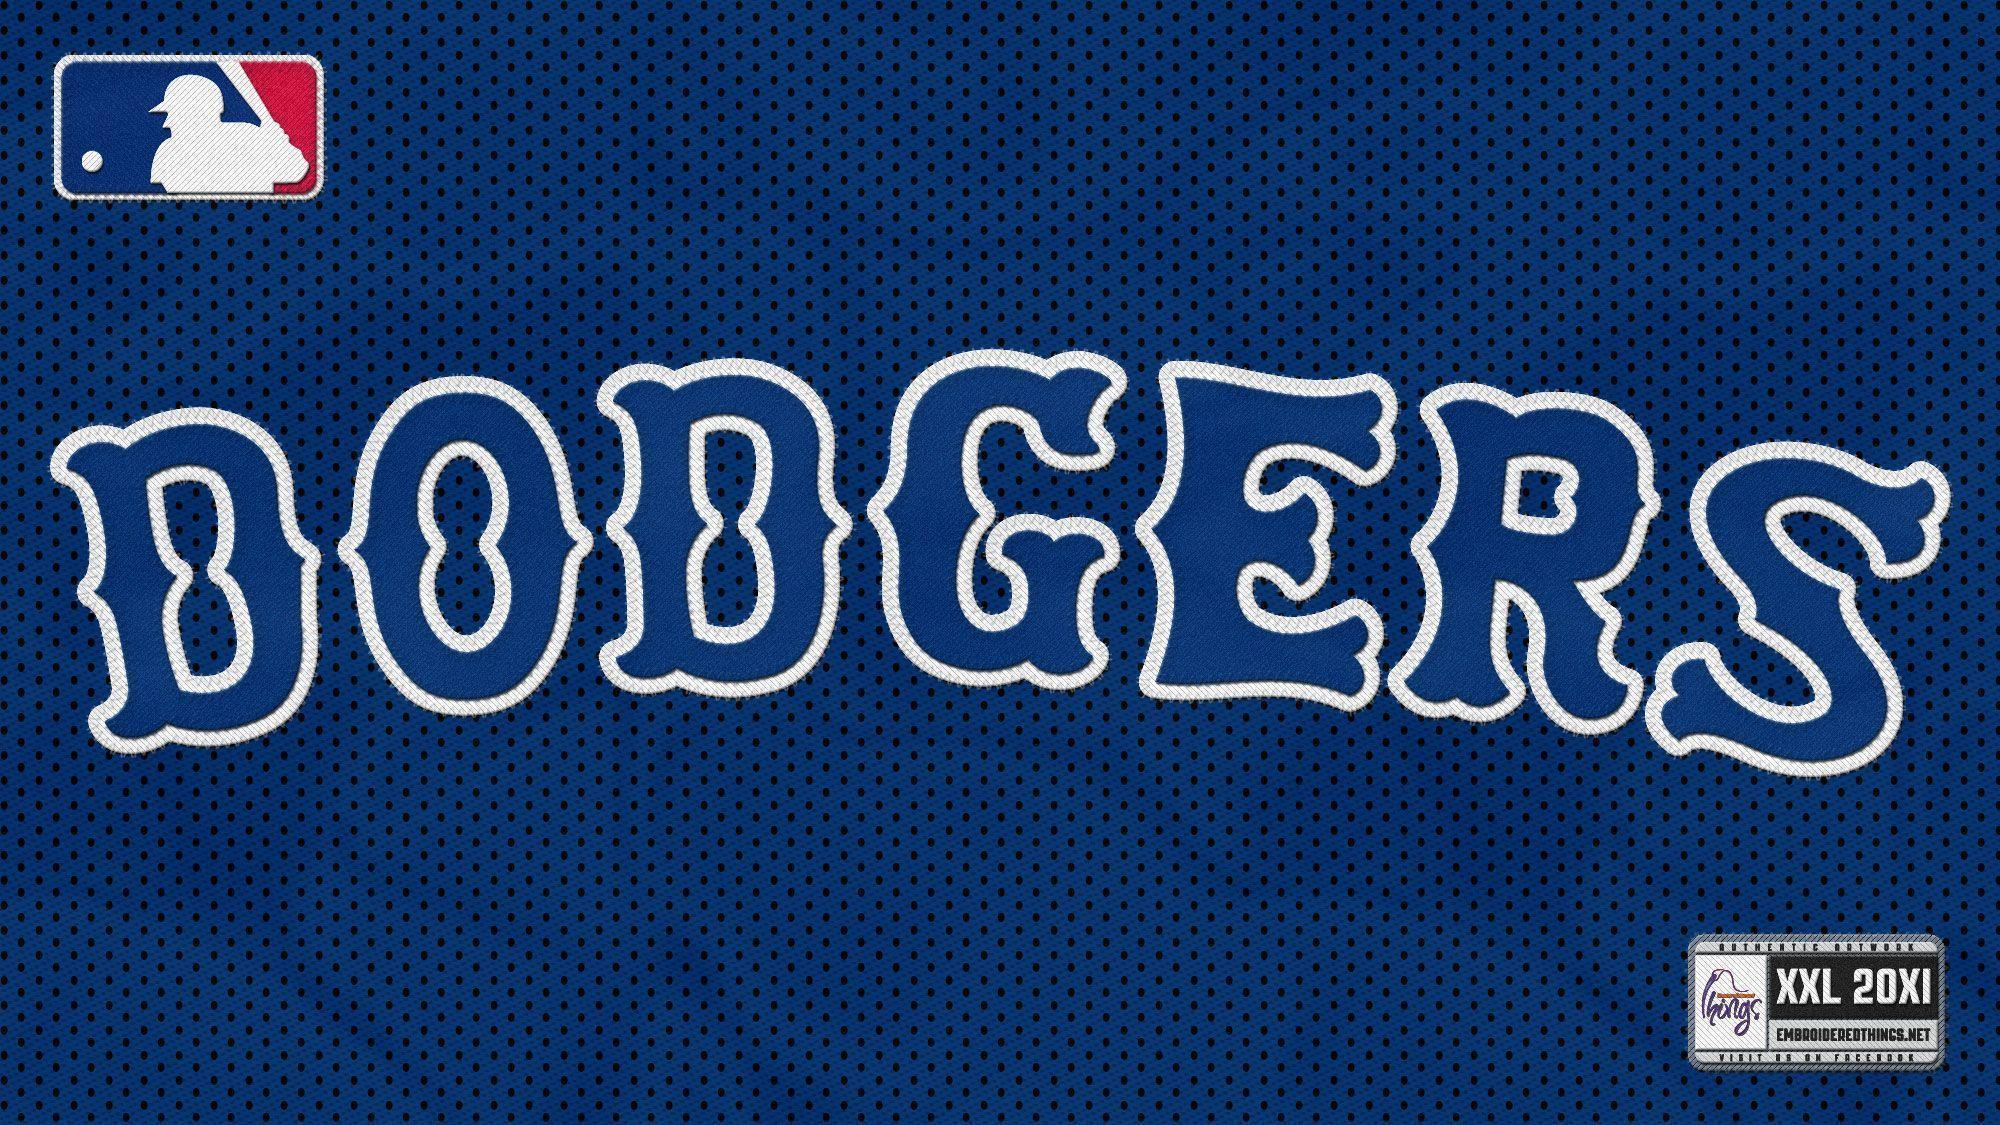 la dodgers desktop wallpaper hd - photo #12